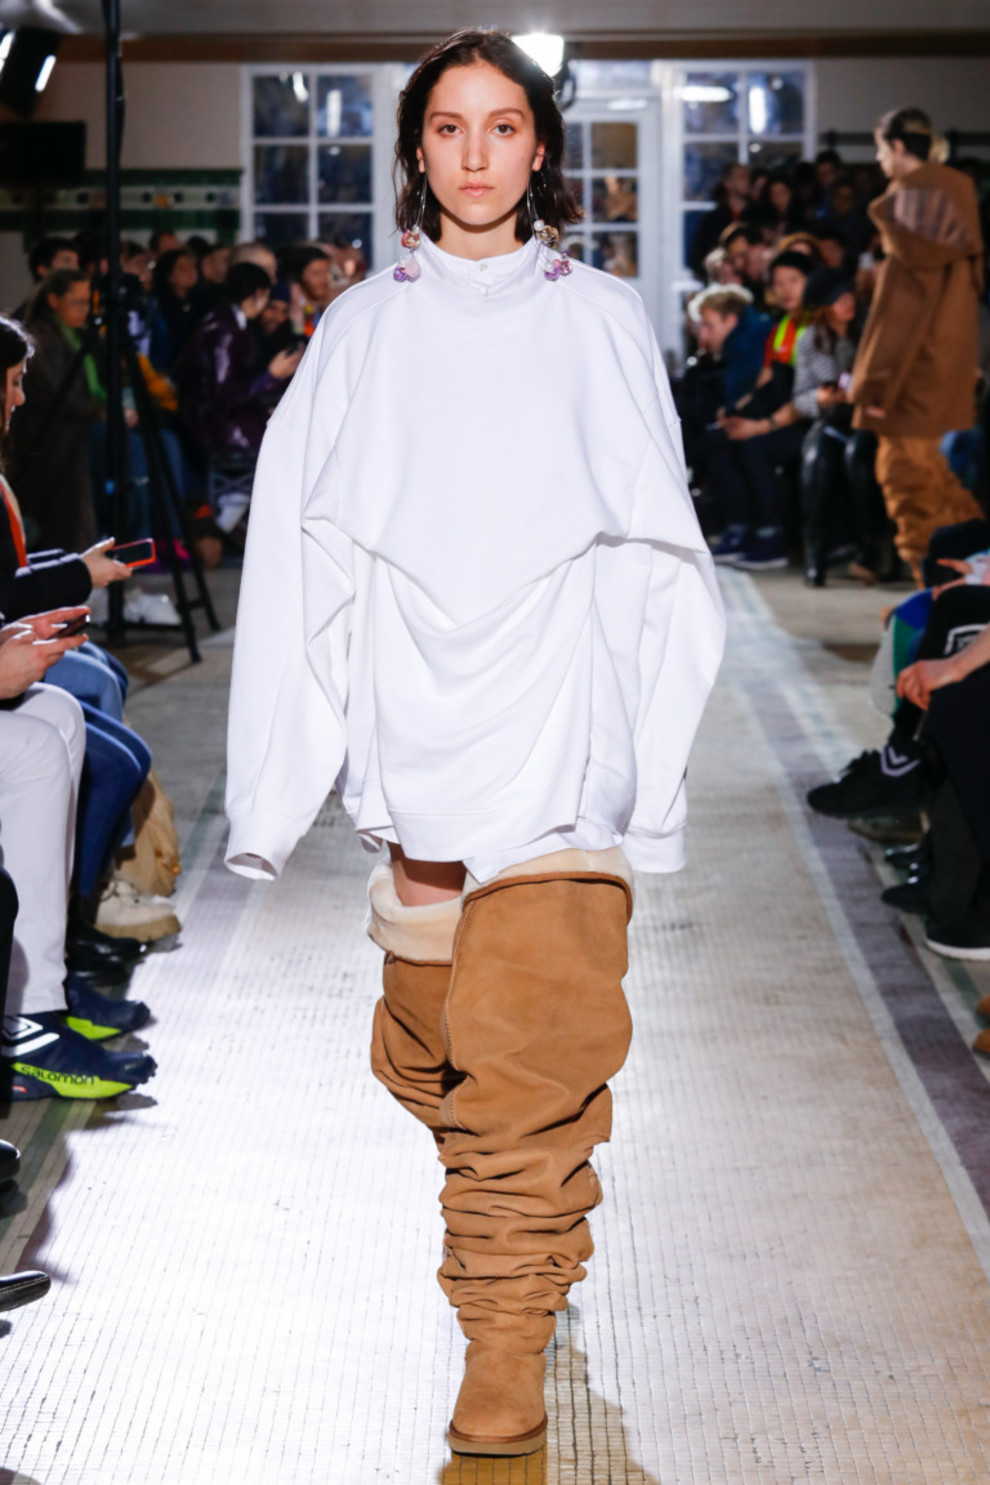 женская обувь весна лето 2019: ботфорты-угги бежевые